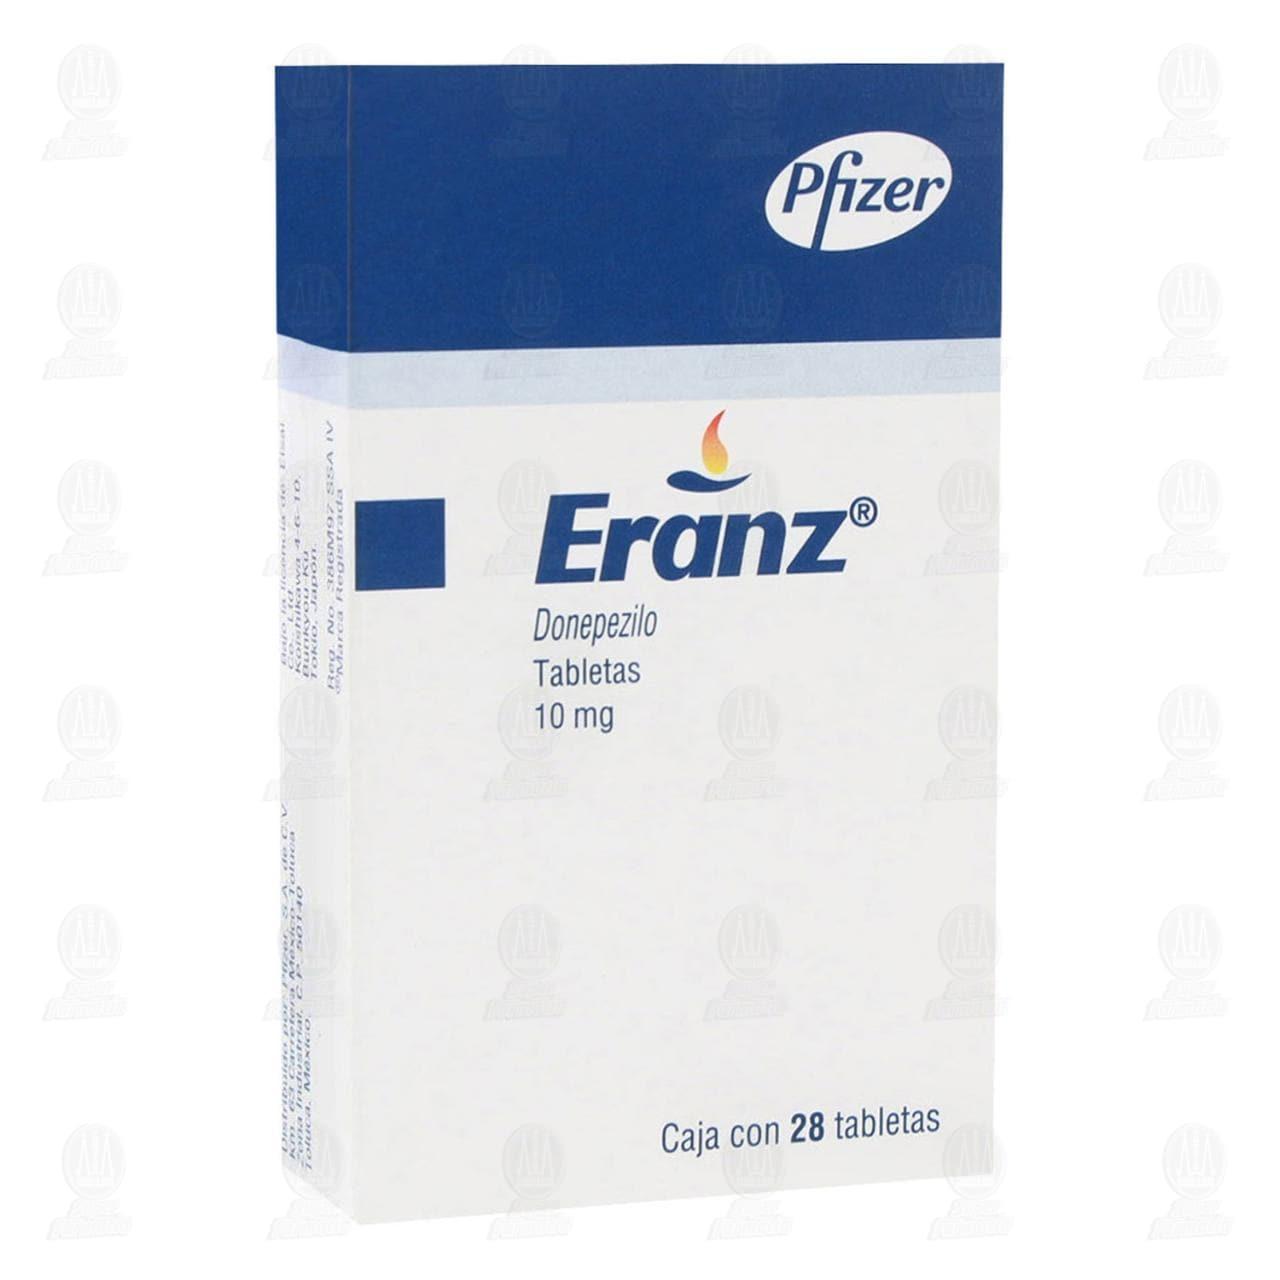 Comprar Eranz 10mg 28 Tabletas en Farmacias Guadalajara